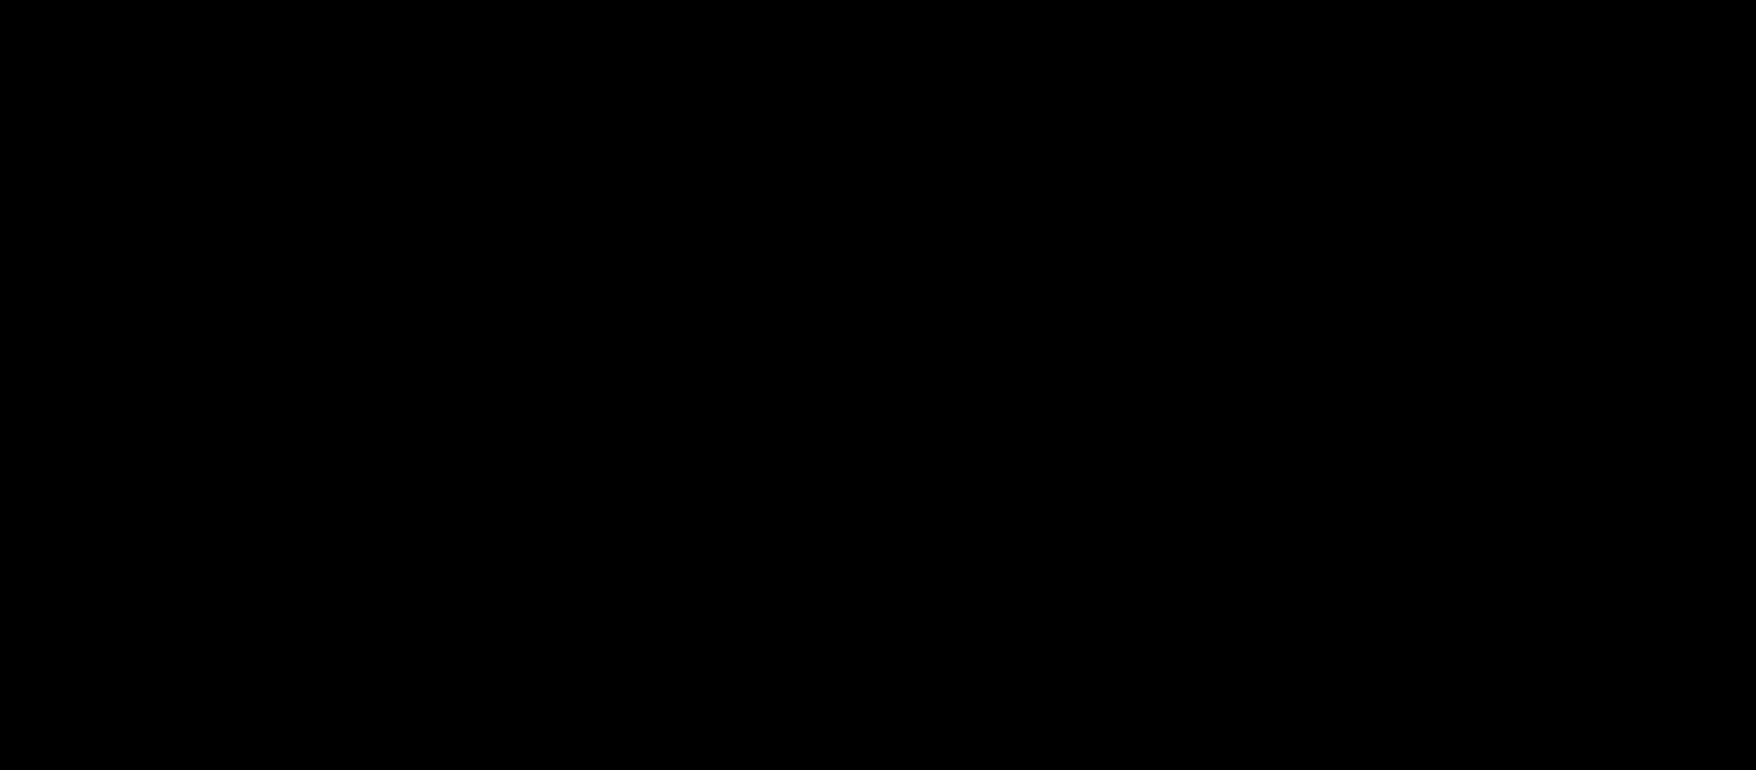 N-p-Coumaroyl-4,5-dimethoxyanthranilic acid